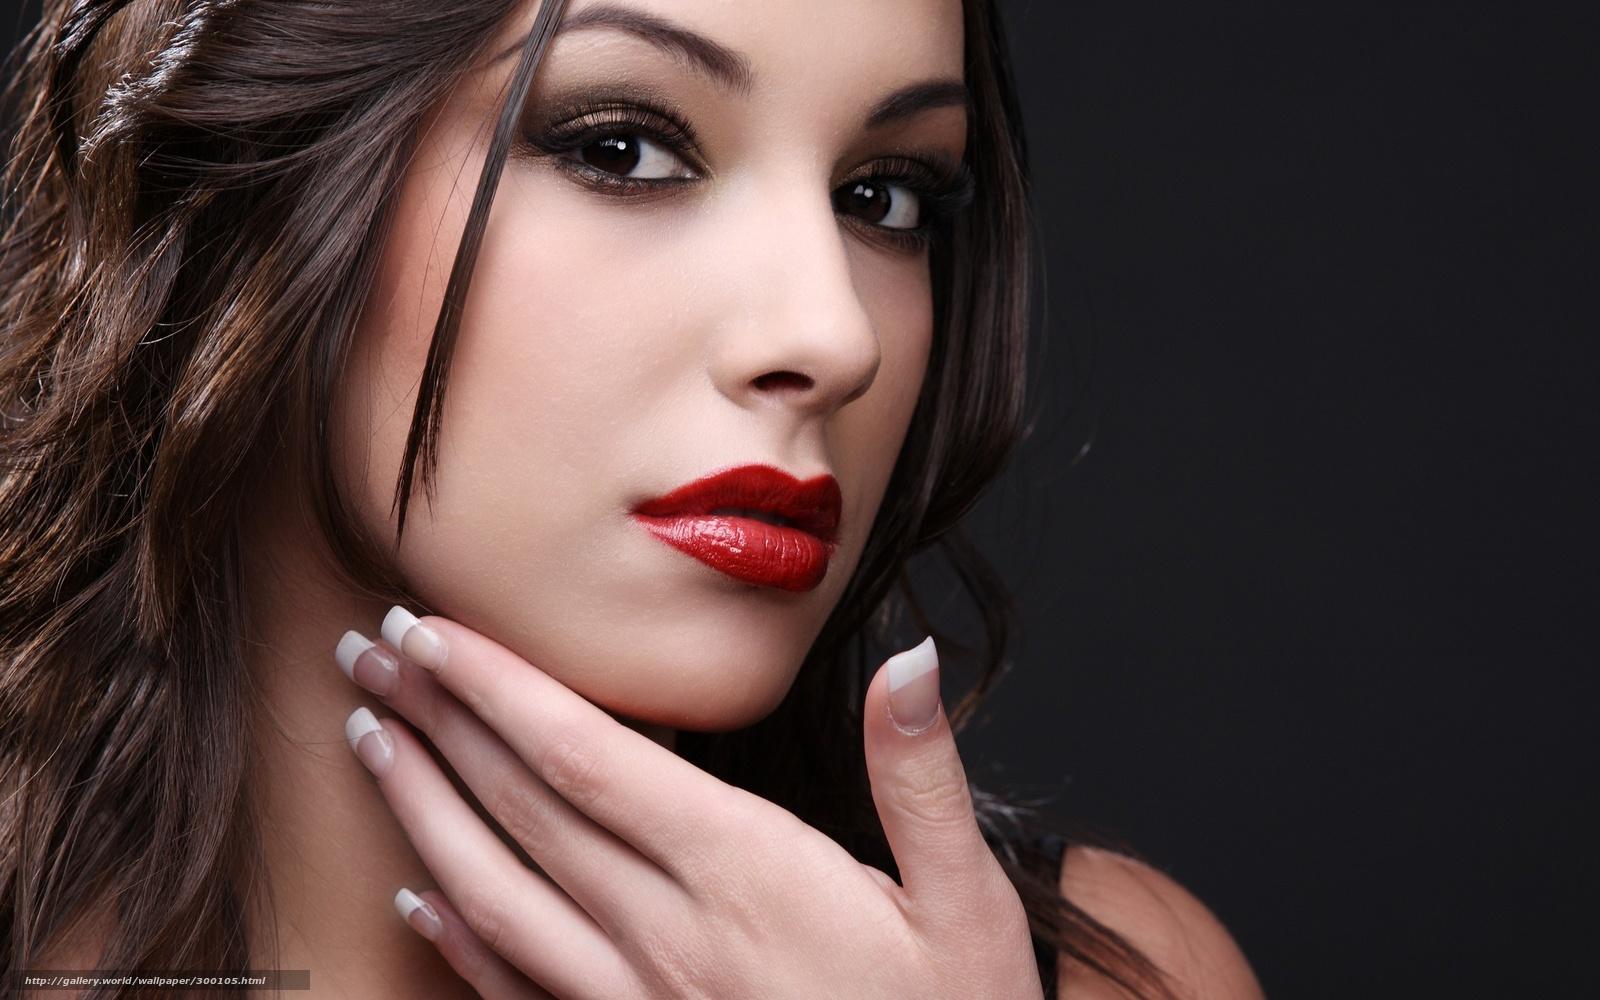 Профессиональные фотографии красивых лиц женщин 7 фотография